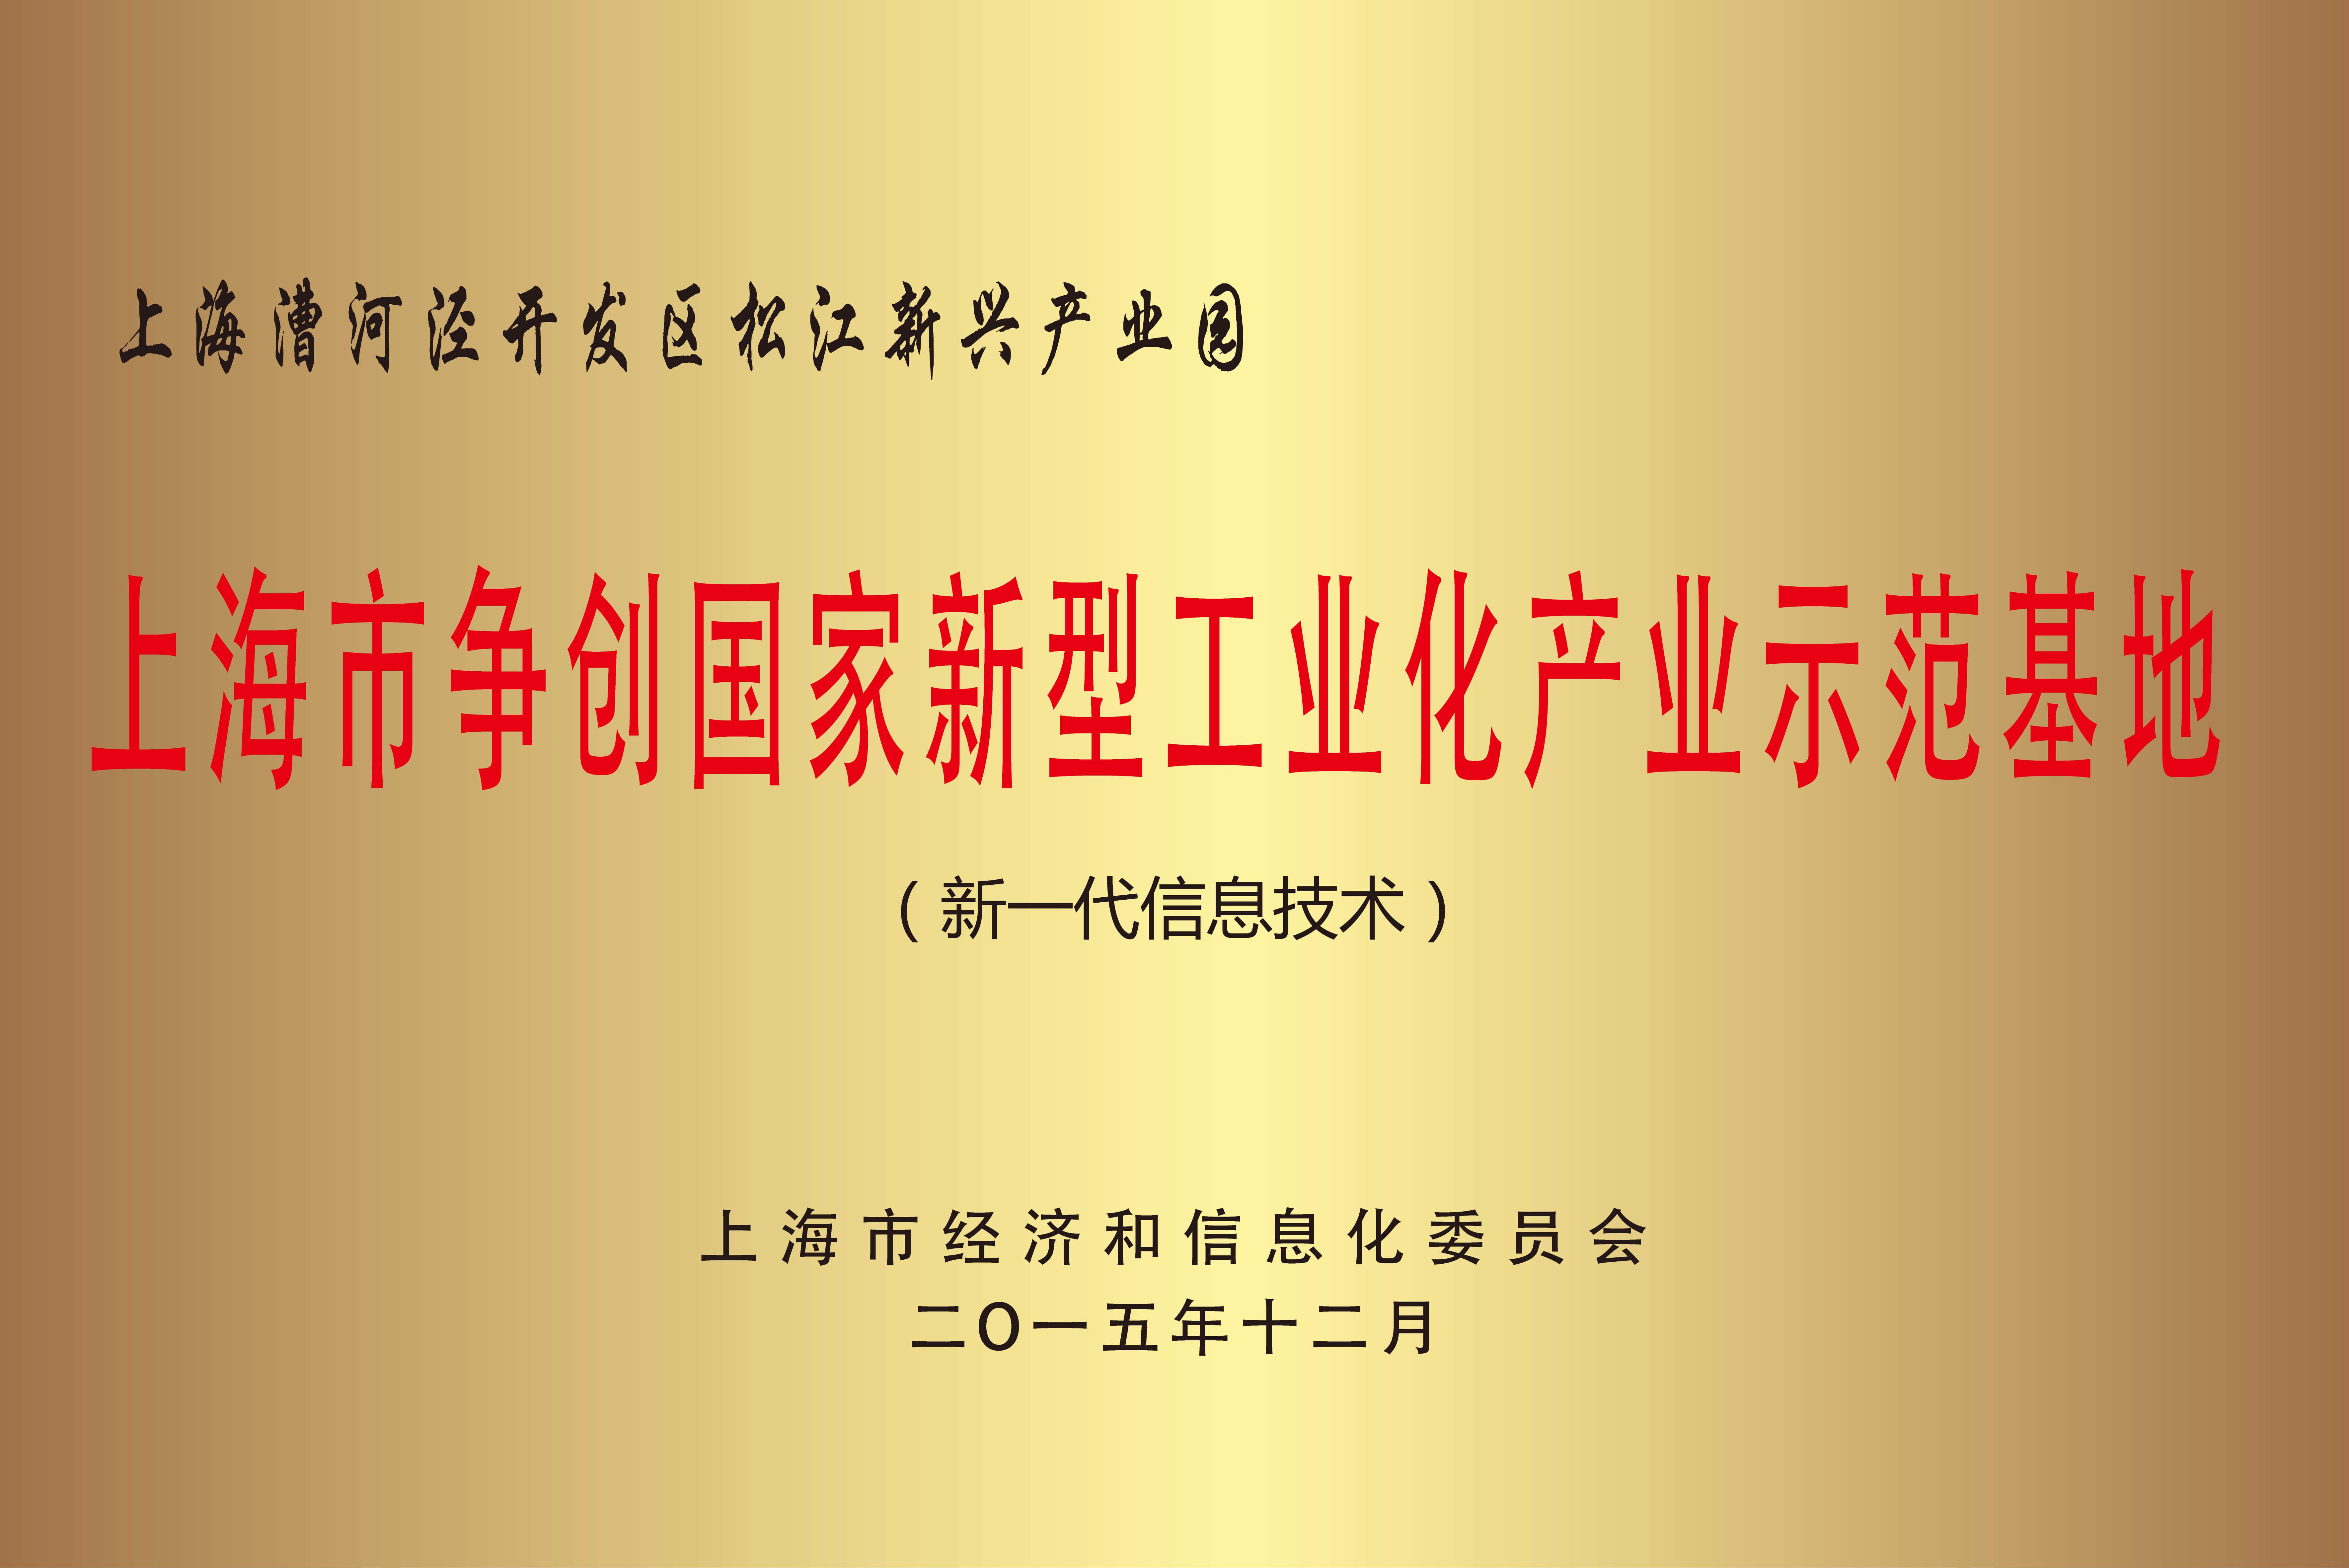 上海市争创国家新型工业化产业示范基地